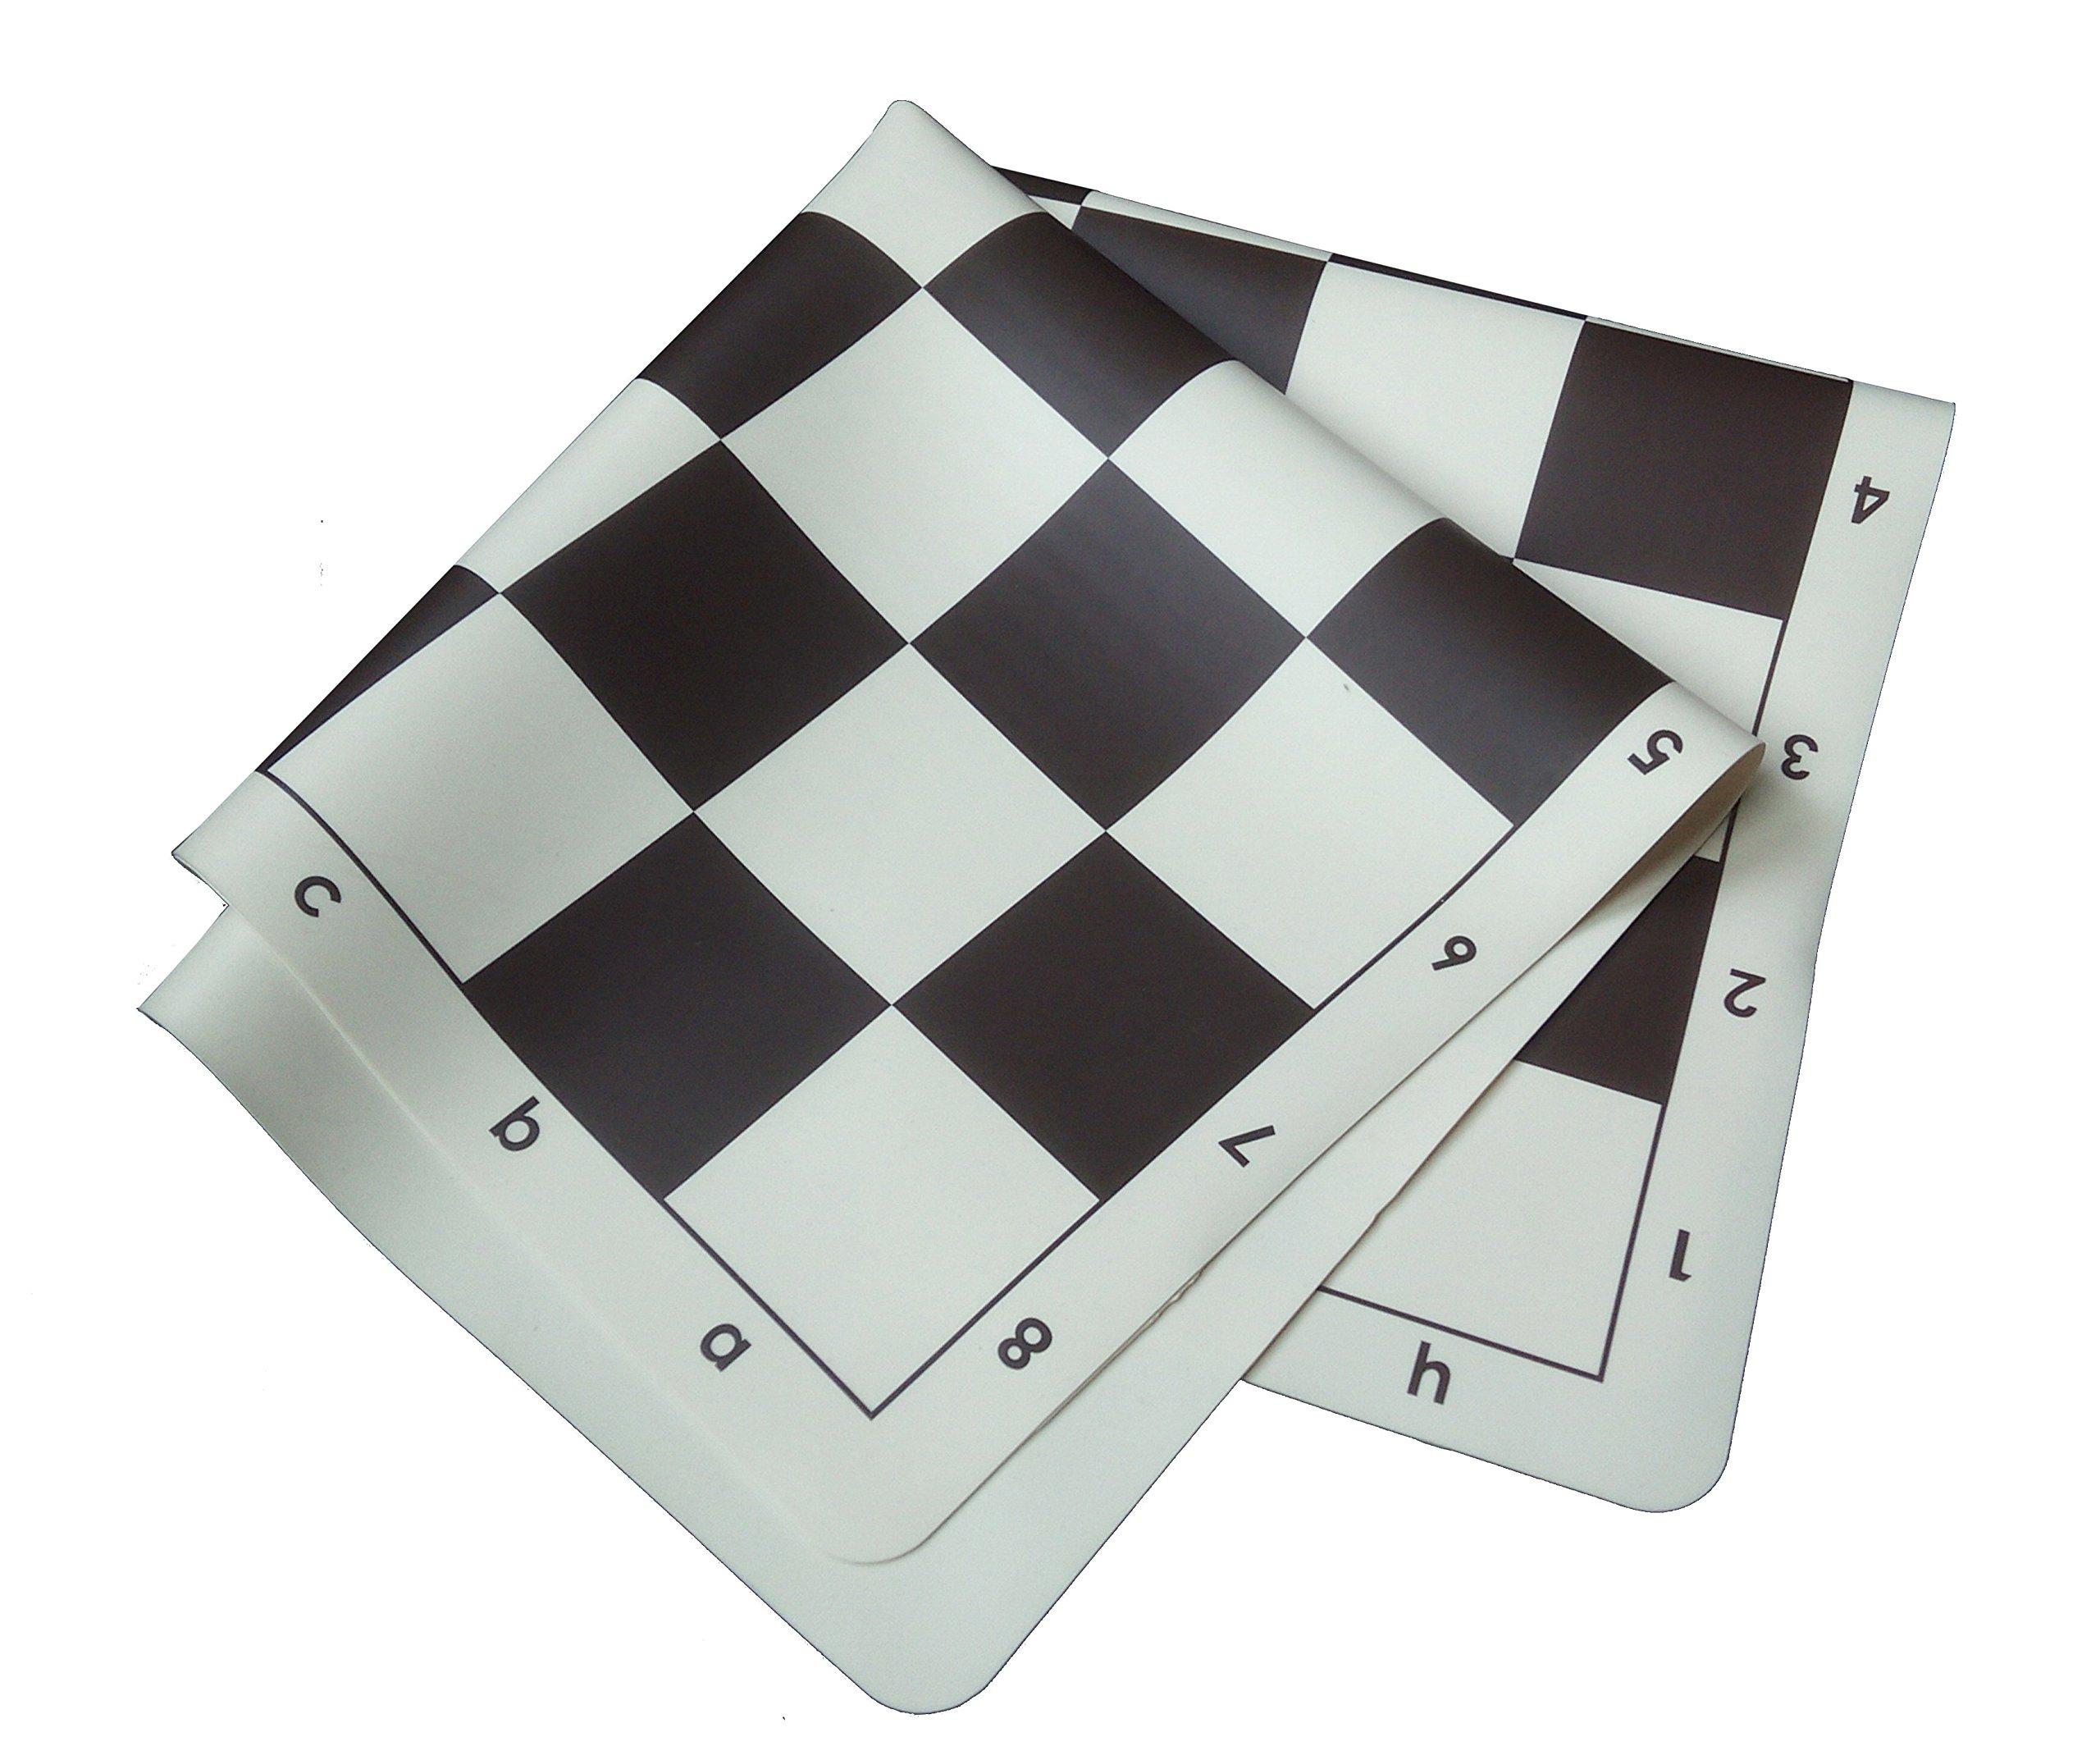 SchachQueen-Schachset-komplettes-Schachspiel-Silikon-mit-Schachbrett-und-Schachfiguren-Feldgre-57-mm-braunbeige-Knigshhe-90-mm-schwarzwei